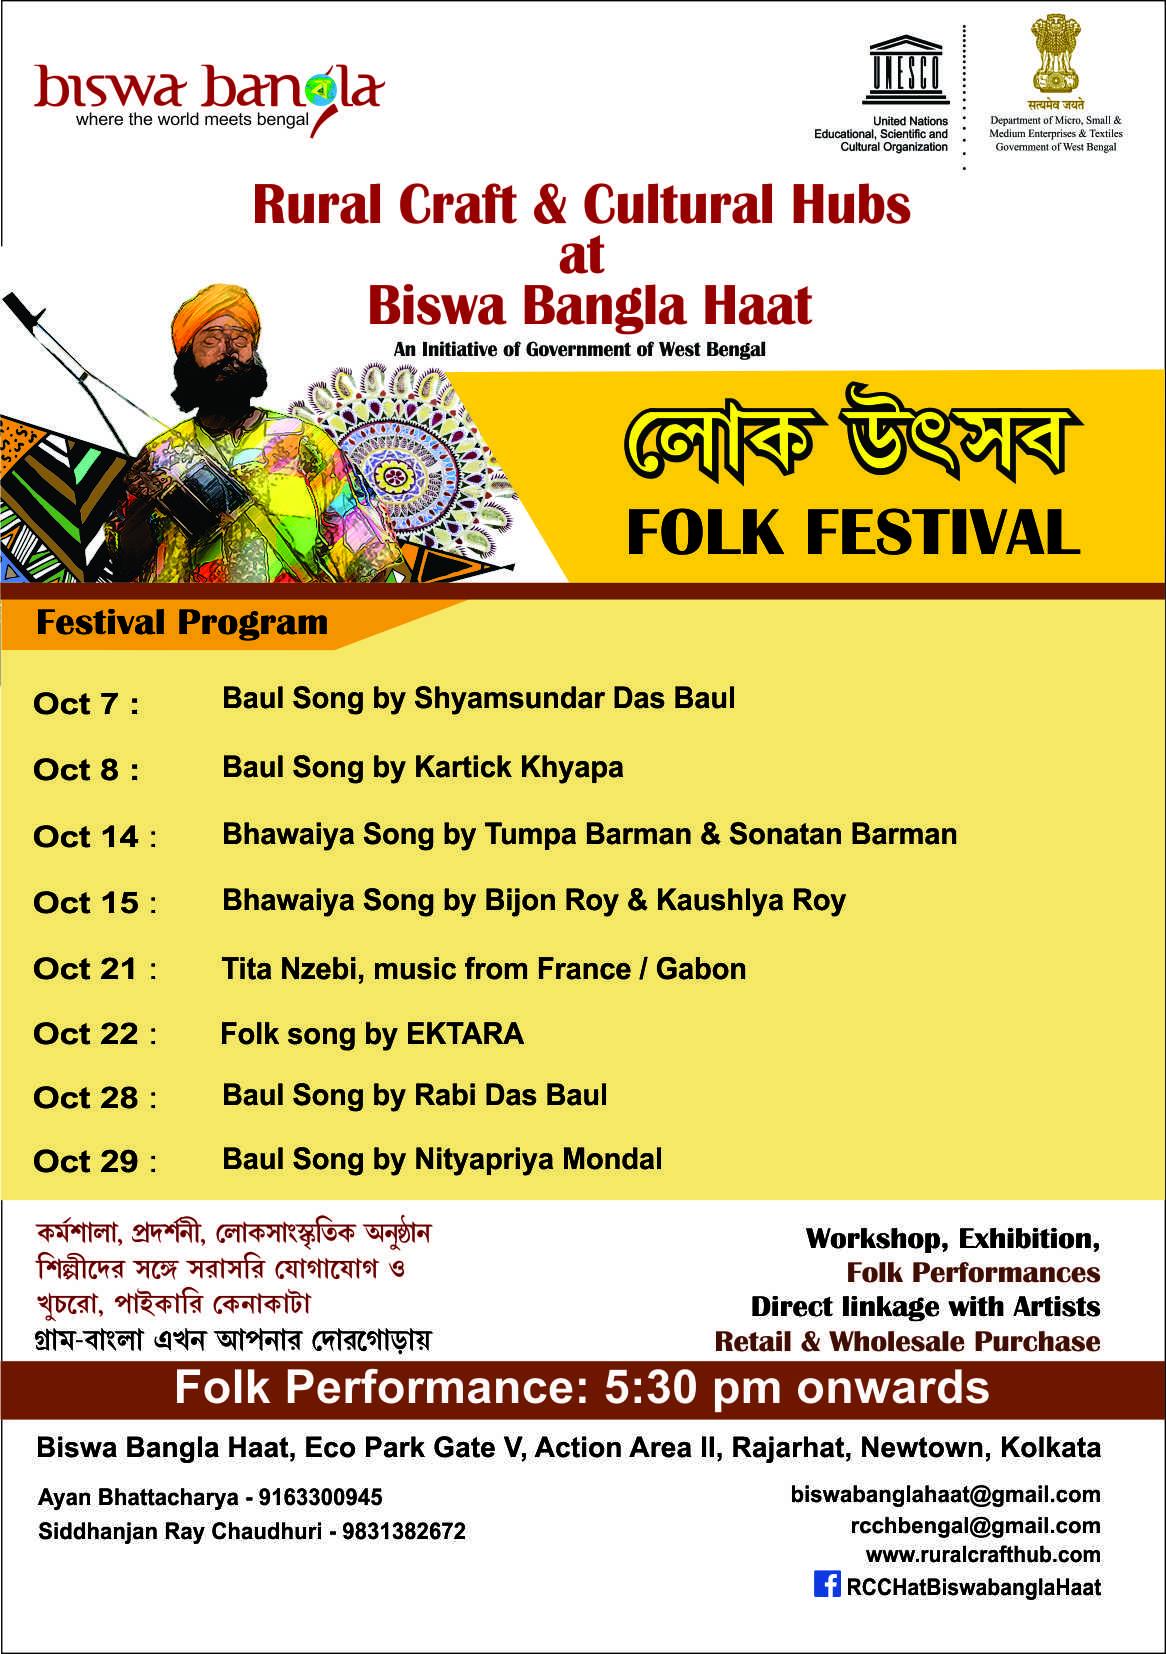 Biswa Bangla Haat Festival Calendar